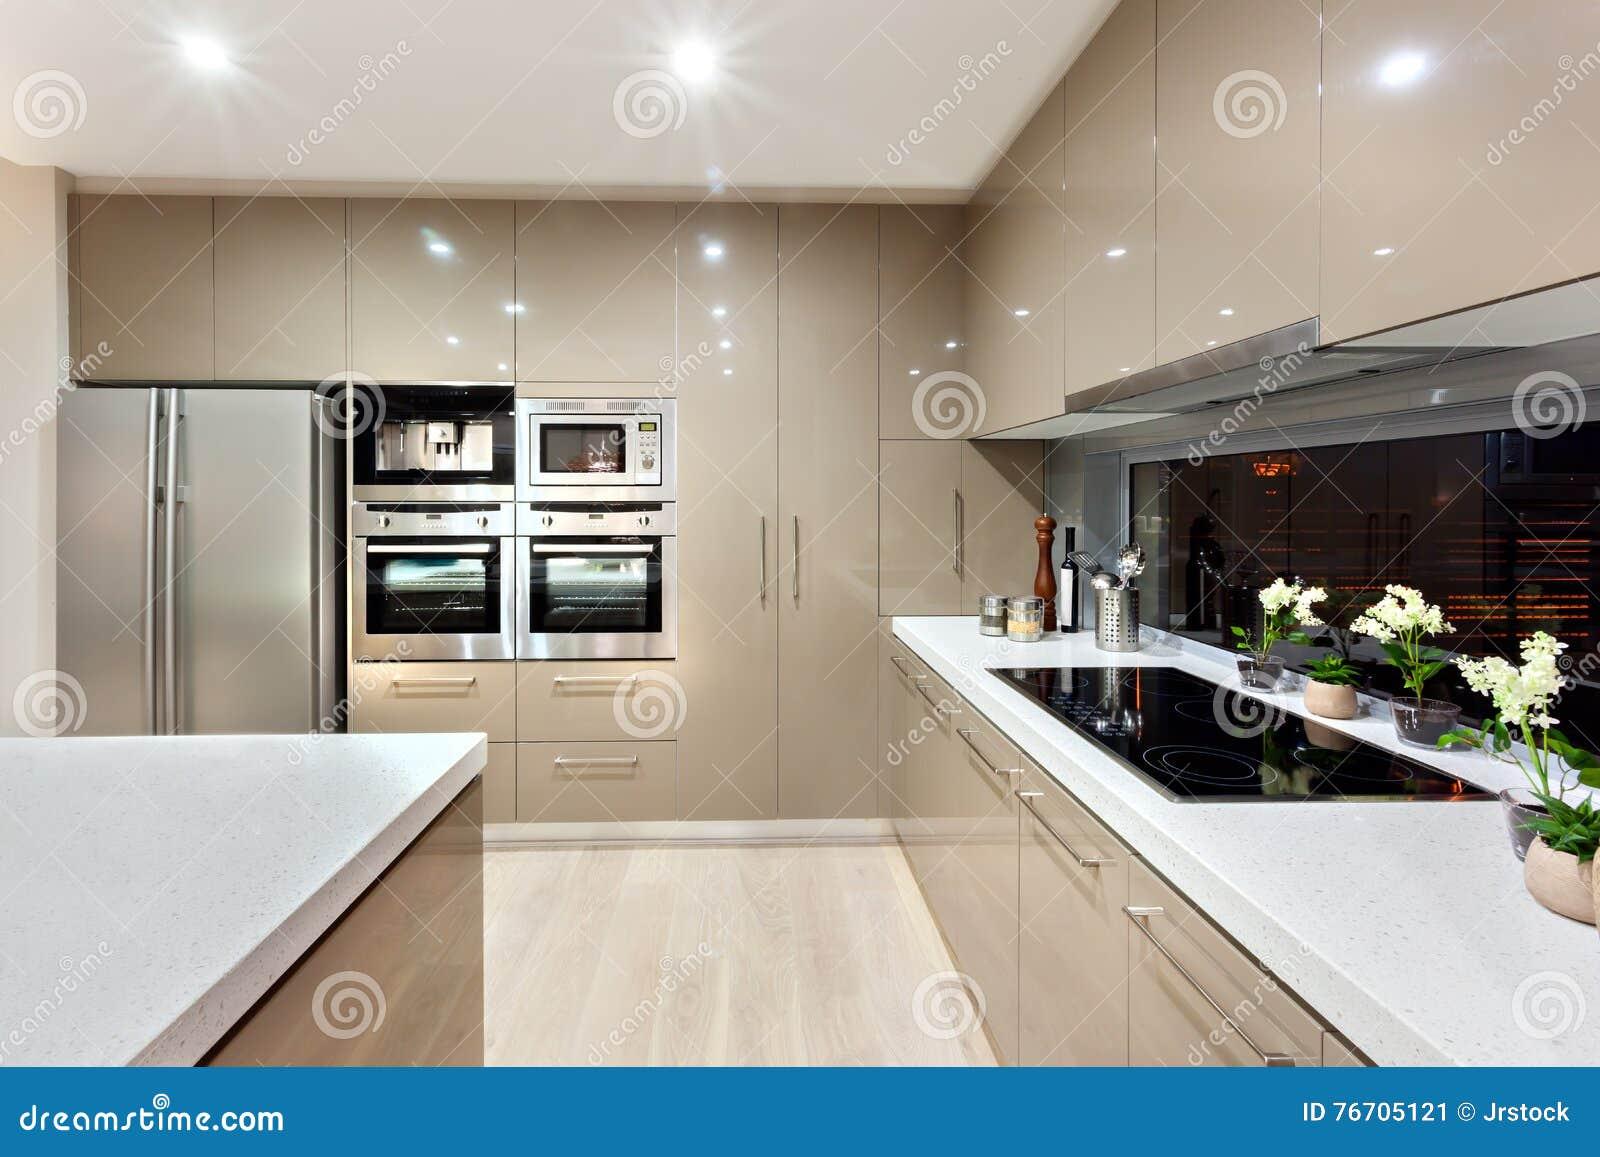 Intérieur De La Cuisine Moderne Dans Une Maison De Luxe Image Stock